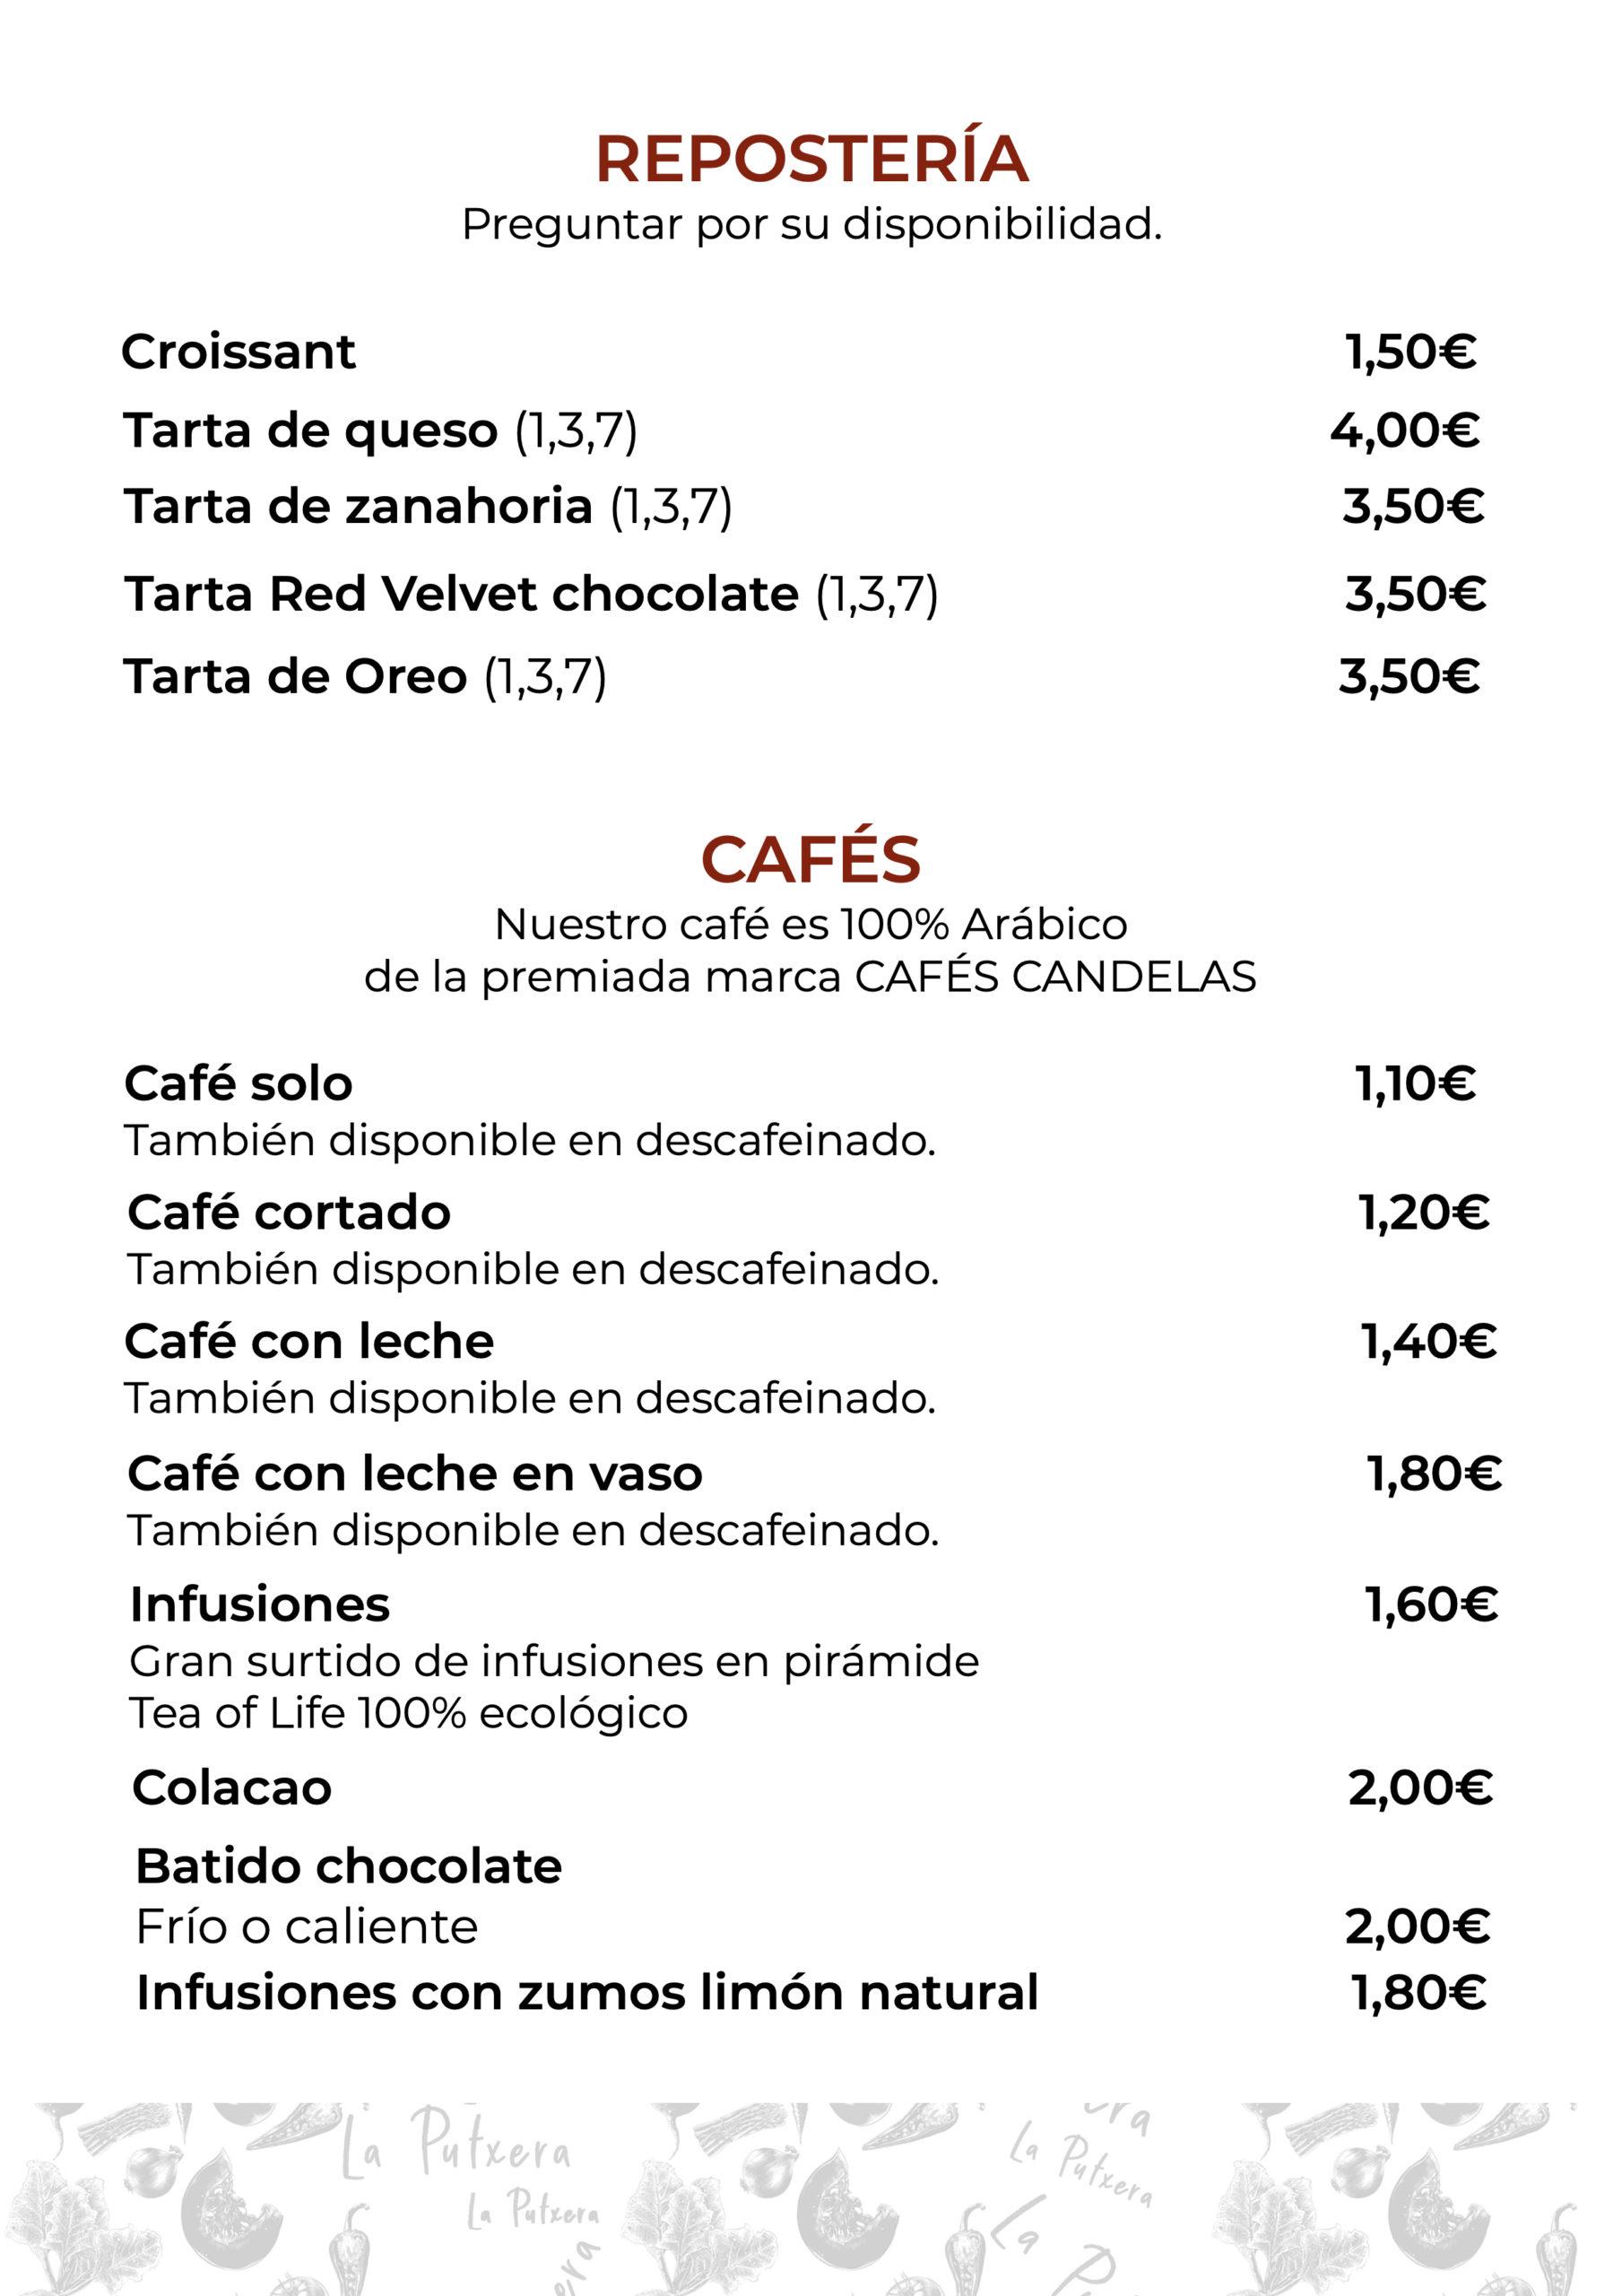 reposteria y cafes